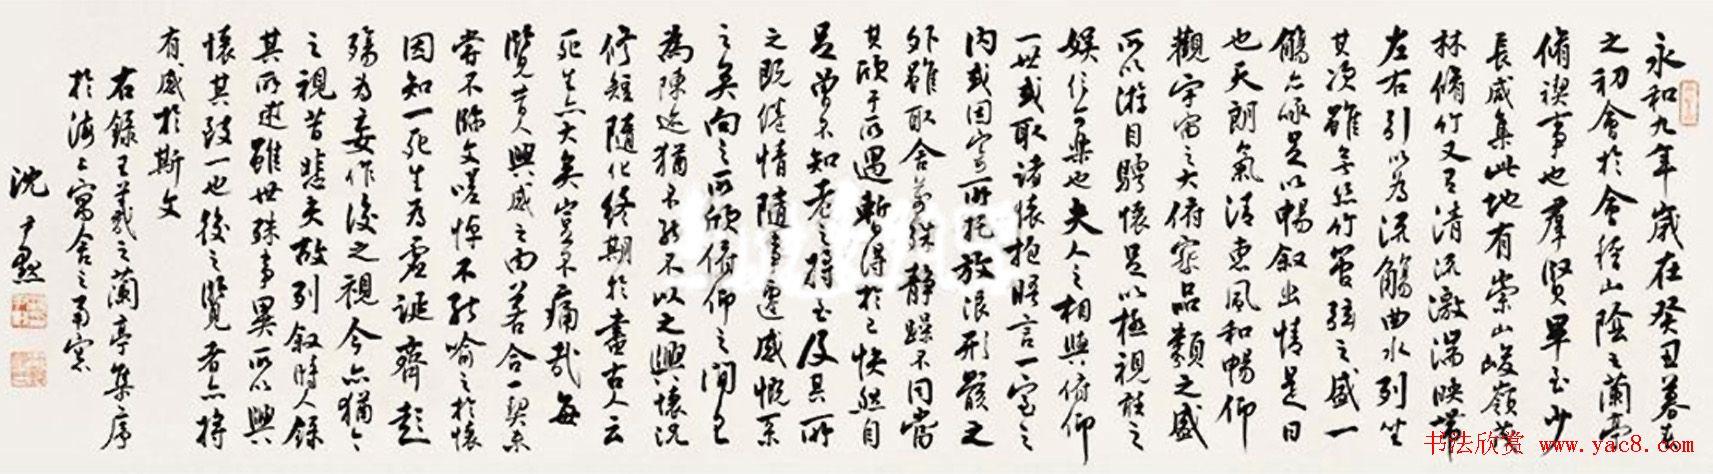 沈尹默书法作品欣赏临《兰亭序》三种